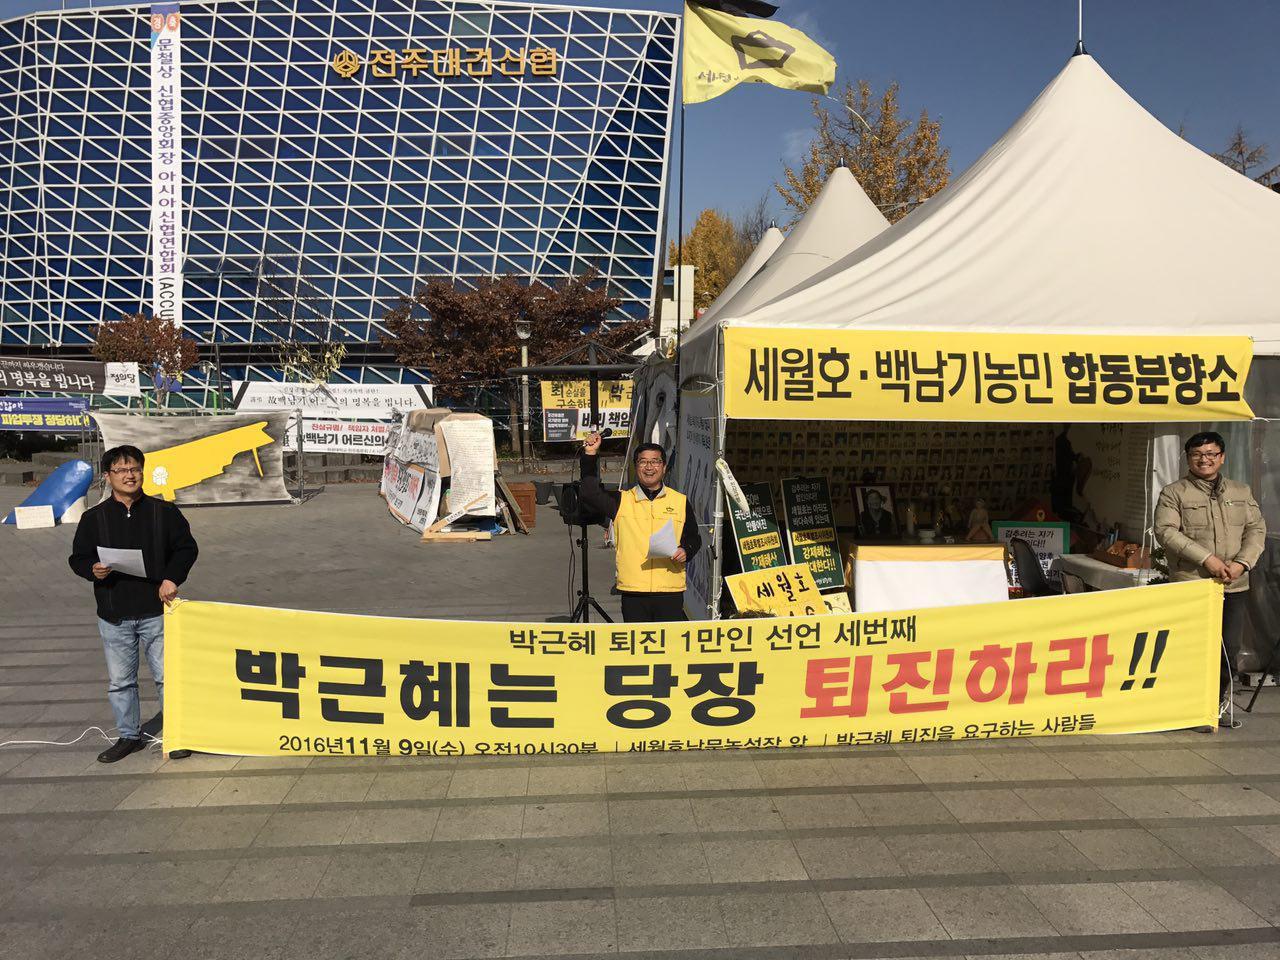 16.11.16_시민 12,000명 박근혜퇴진 서명 기자회견_1.jpg